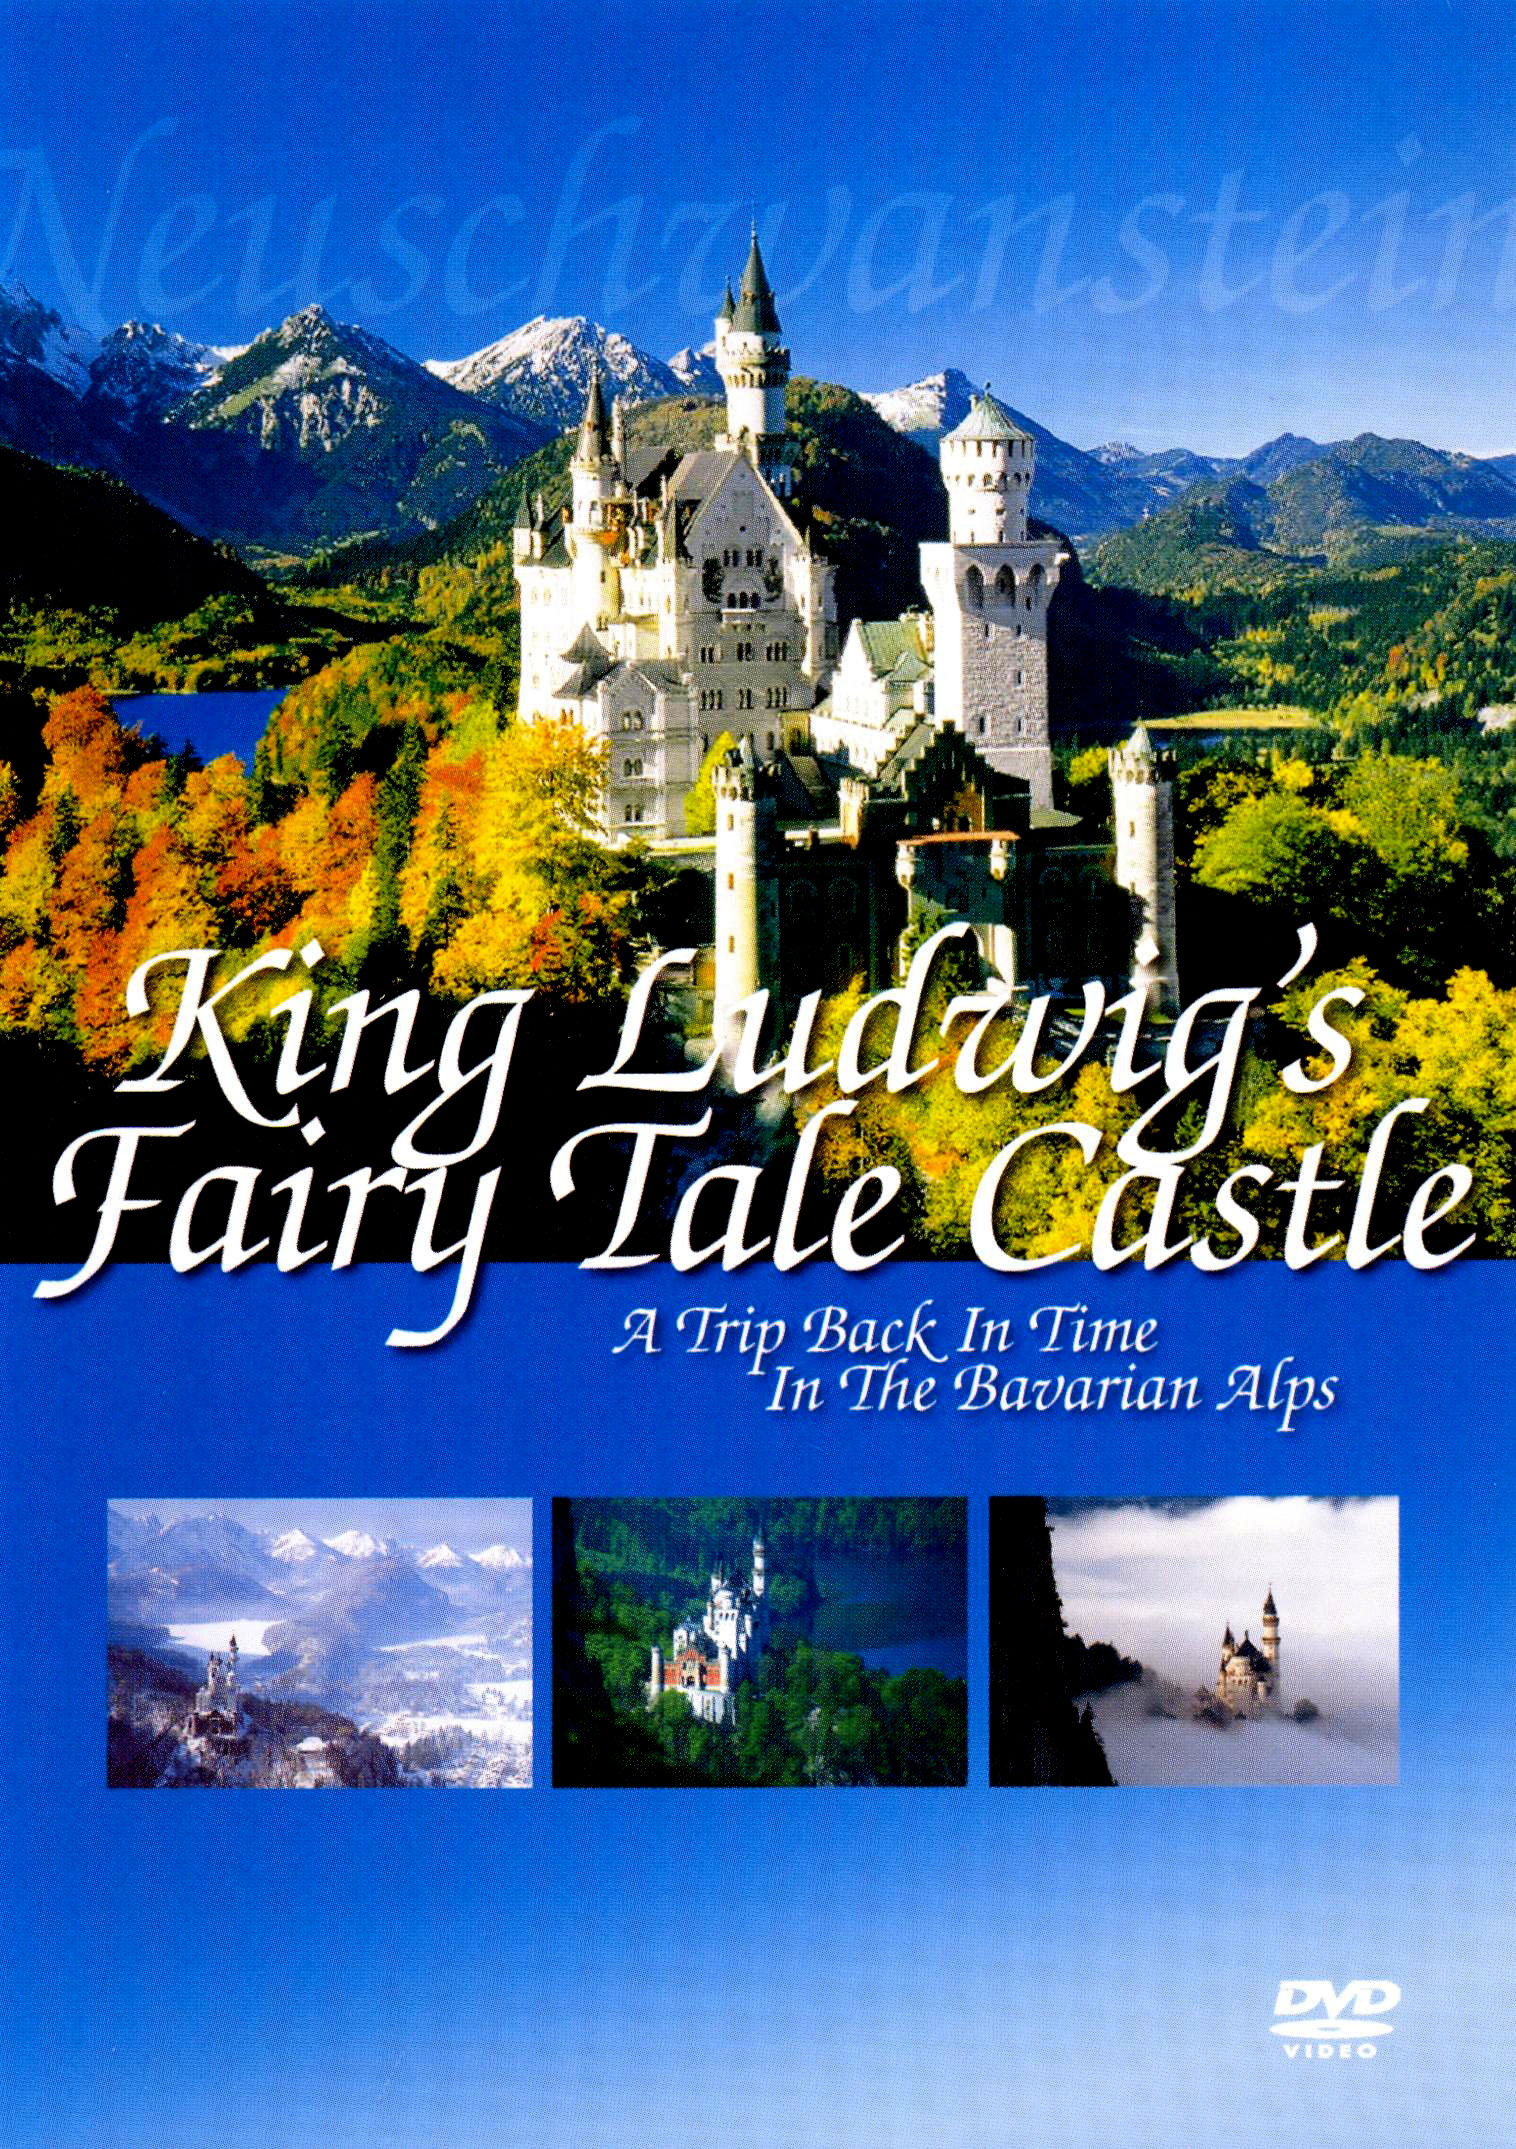 King Ludwig's Fairy Tale Castle